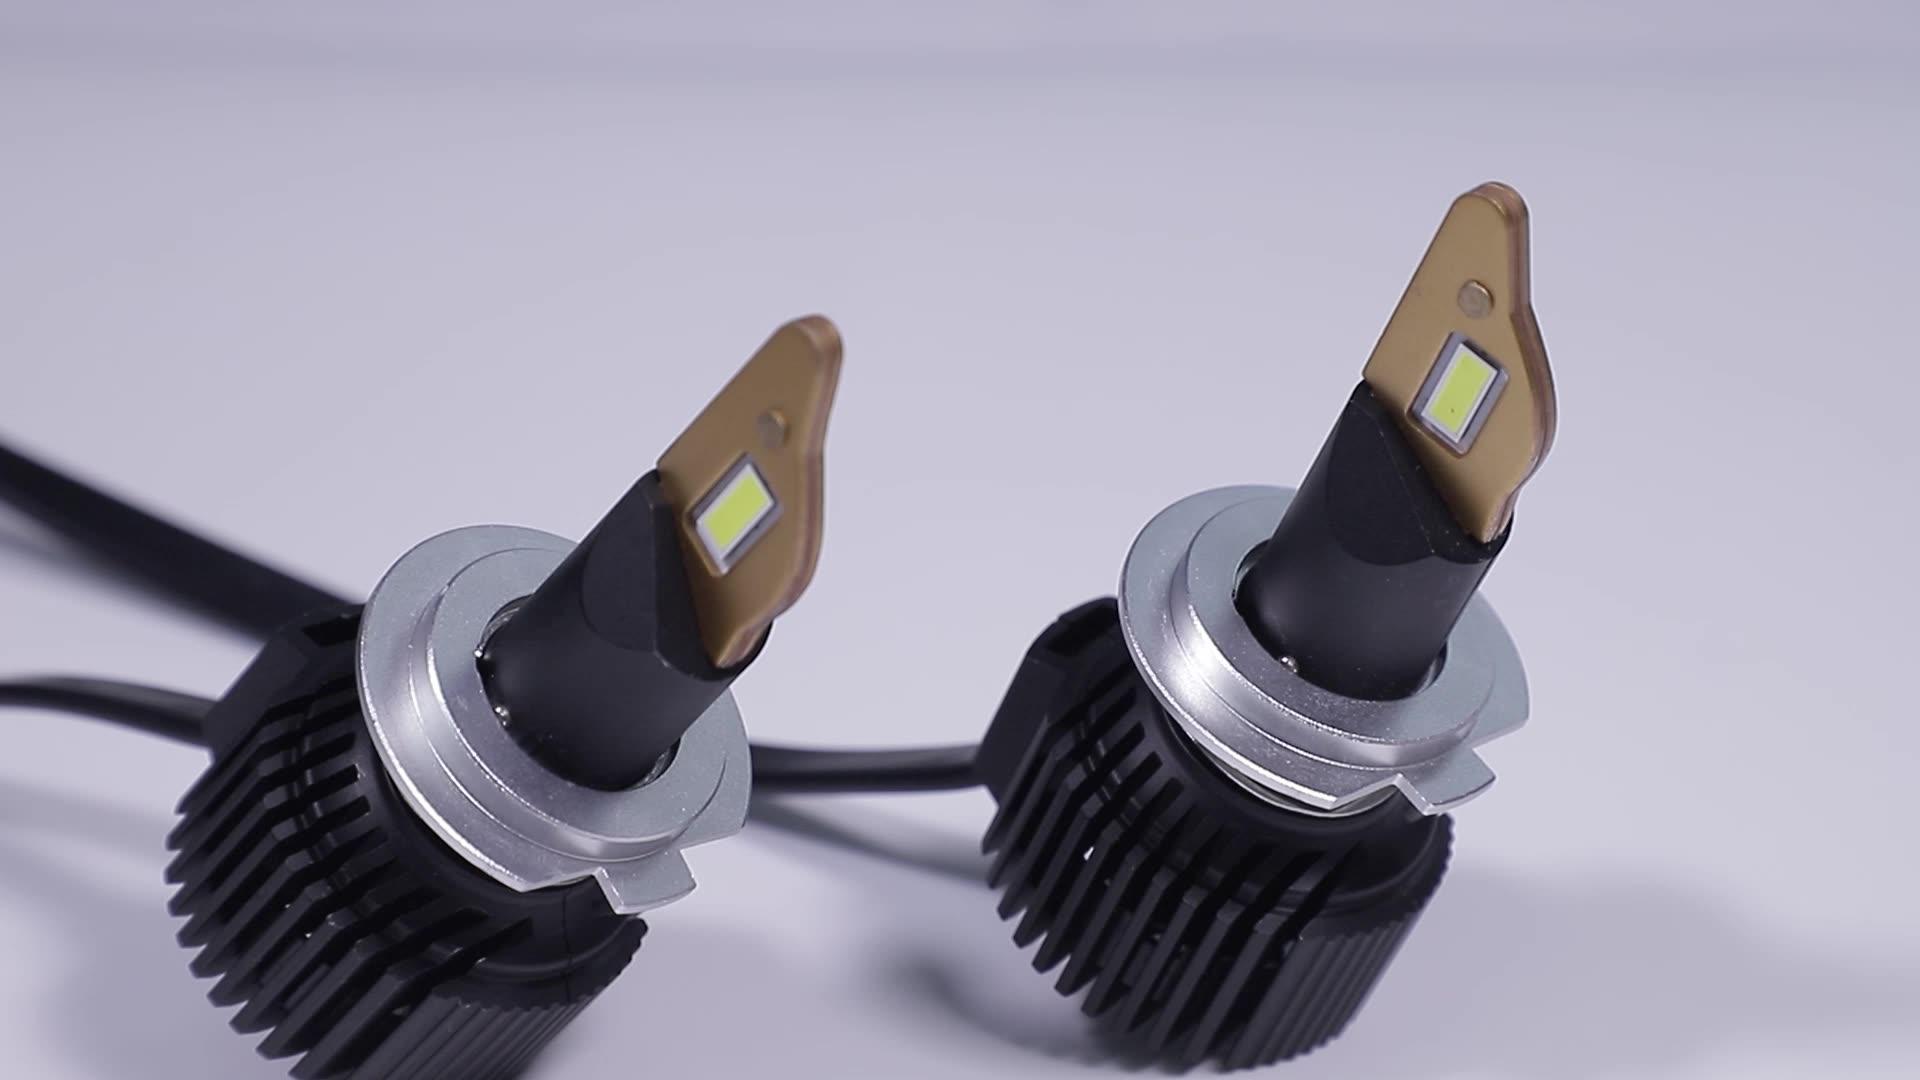 Автомобильные светодиодные лампы 9005 HB4 9006 9012 H11 6000k Автомобильная Лампа Автомобильные светодиодные фары аксессуары